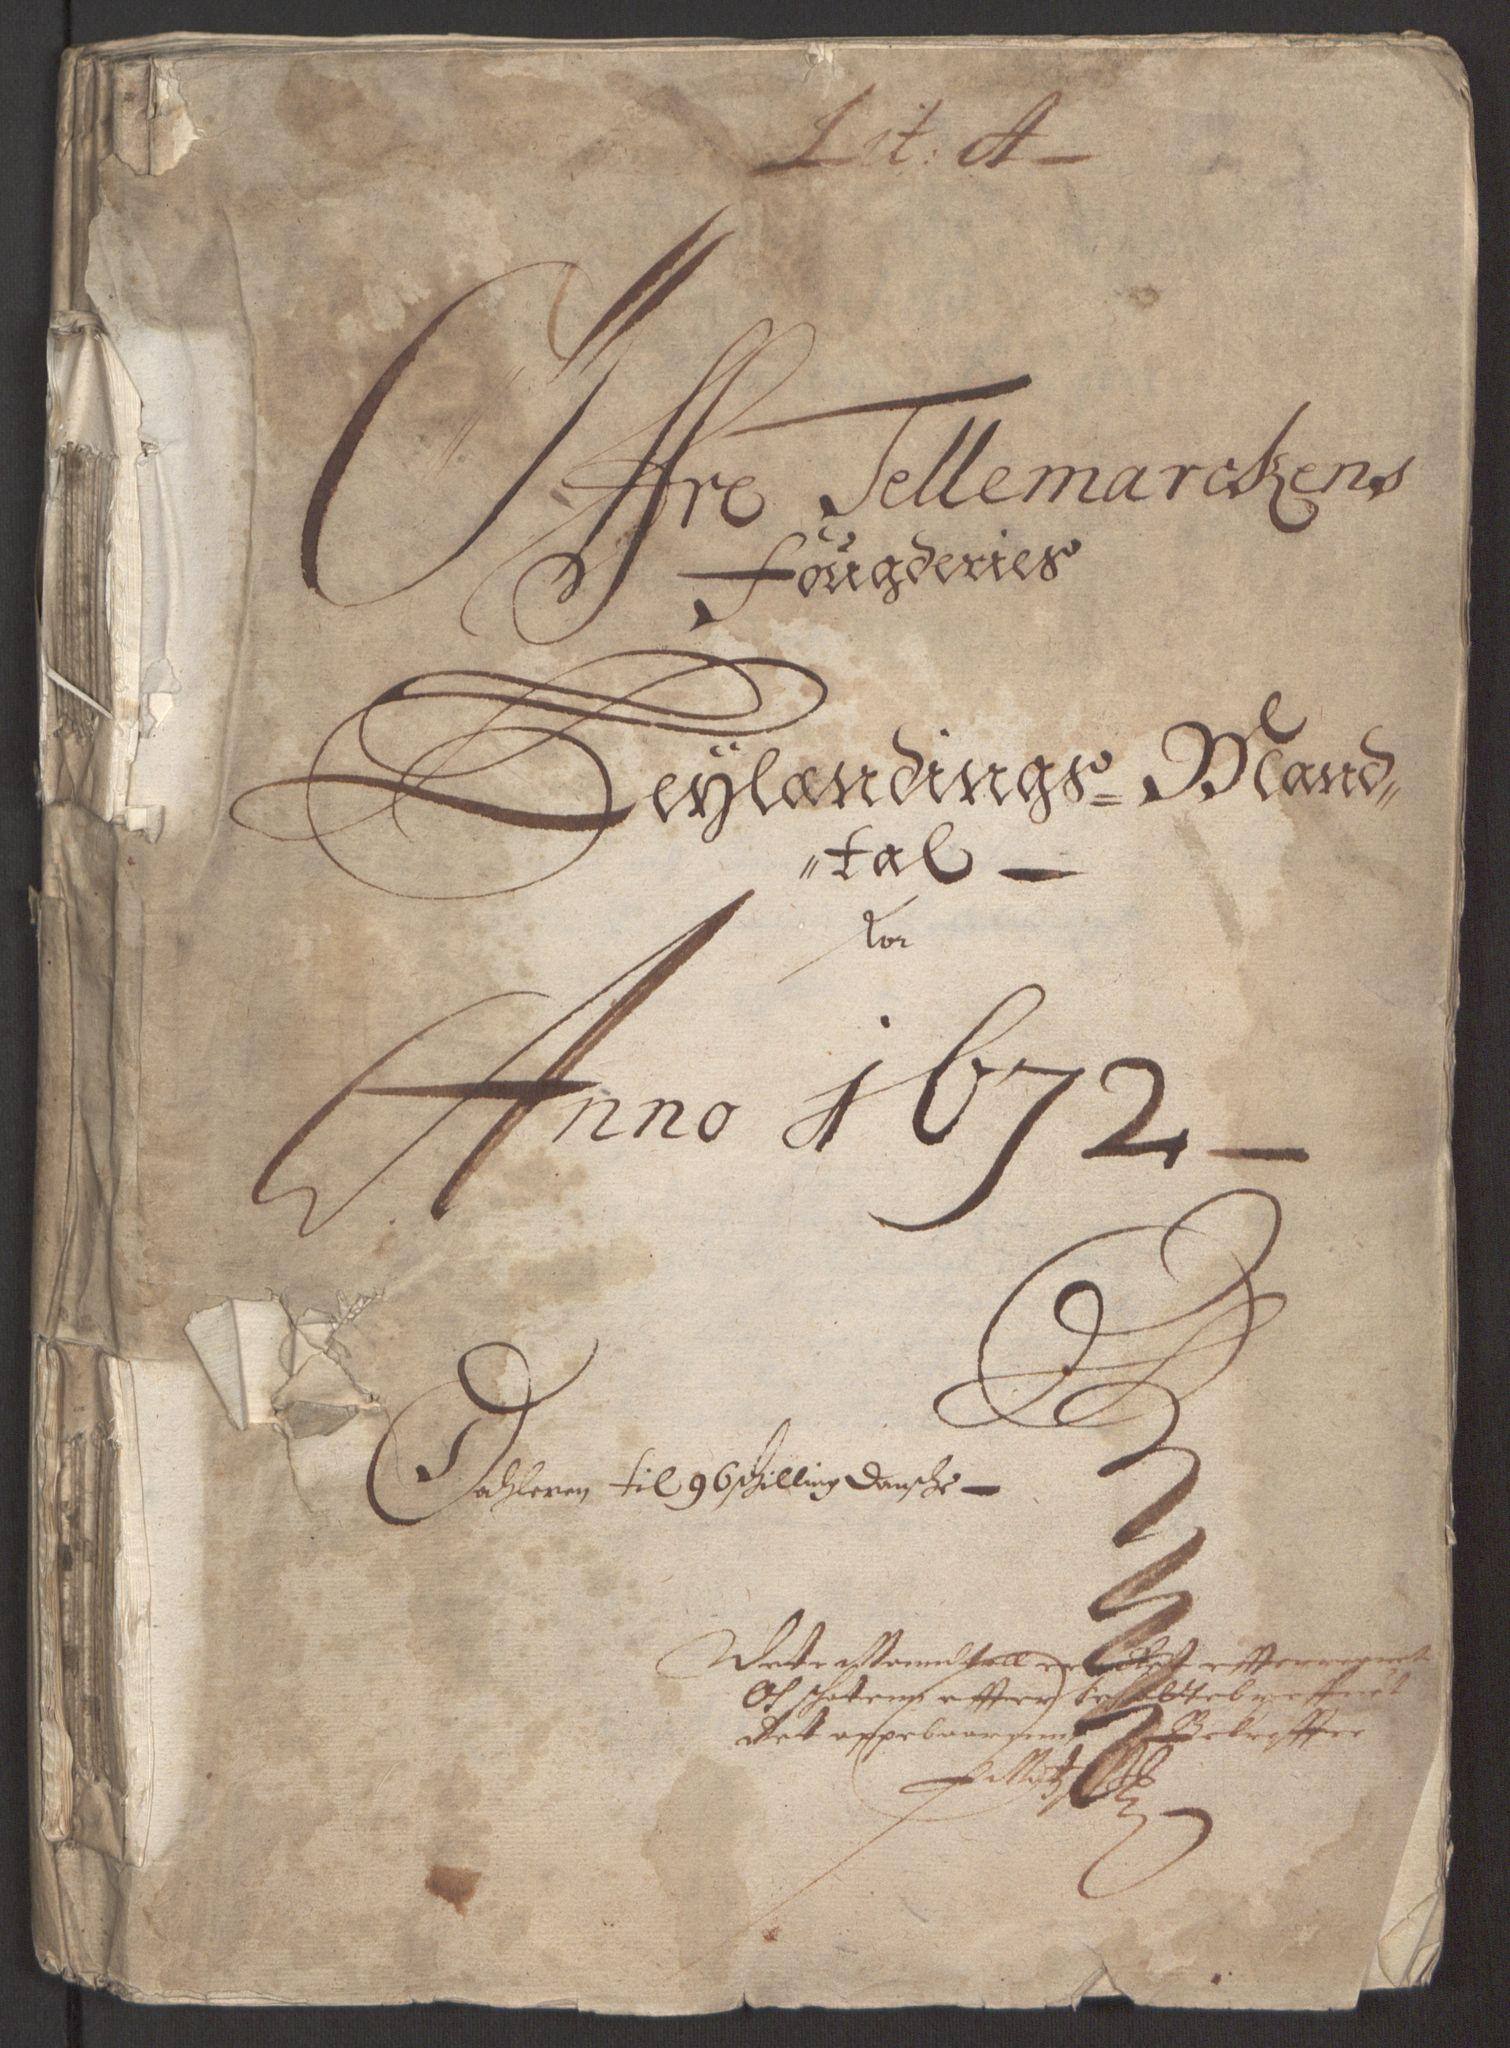 RA, Rentekammeret inntil 1814, Reviderte regnskaper, Fogderegnskap, R35/L2060: Fogderegnskap Øvre og Nedre Telemark, 1671-1672, s. 315